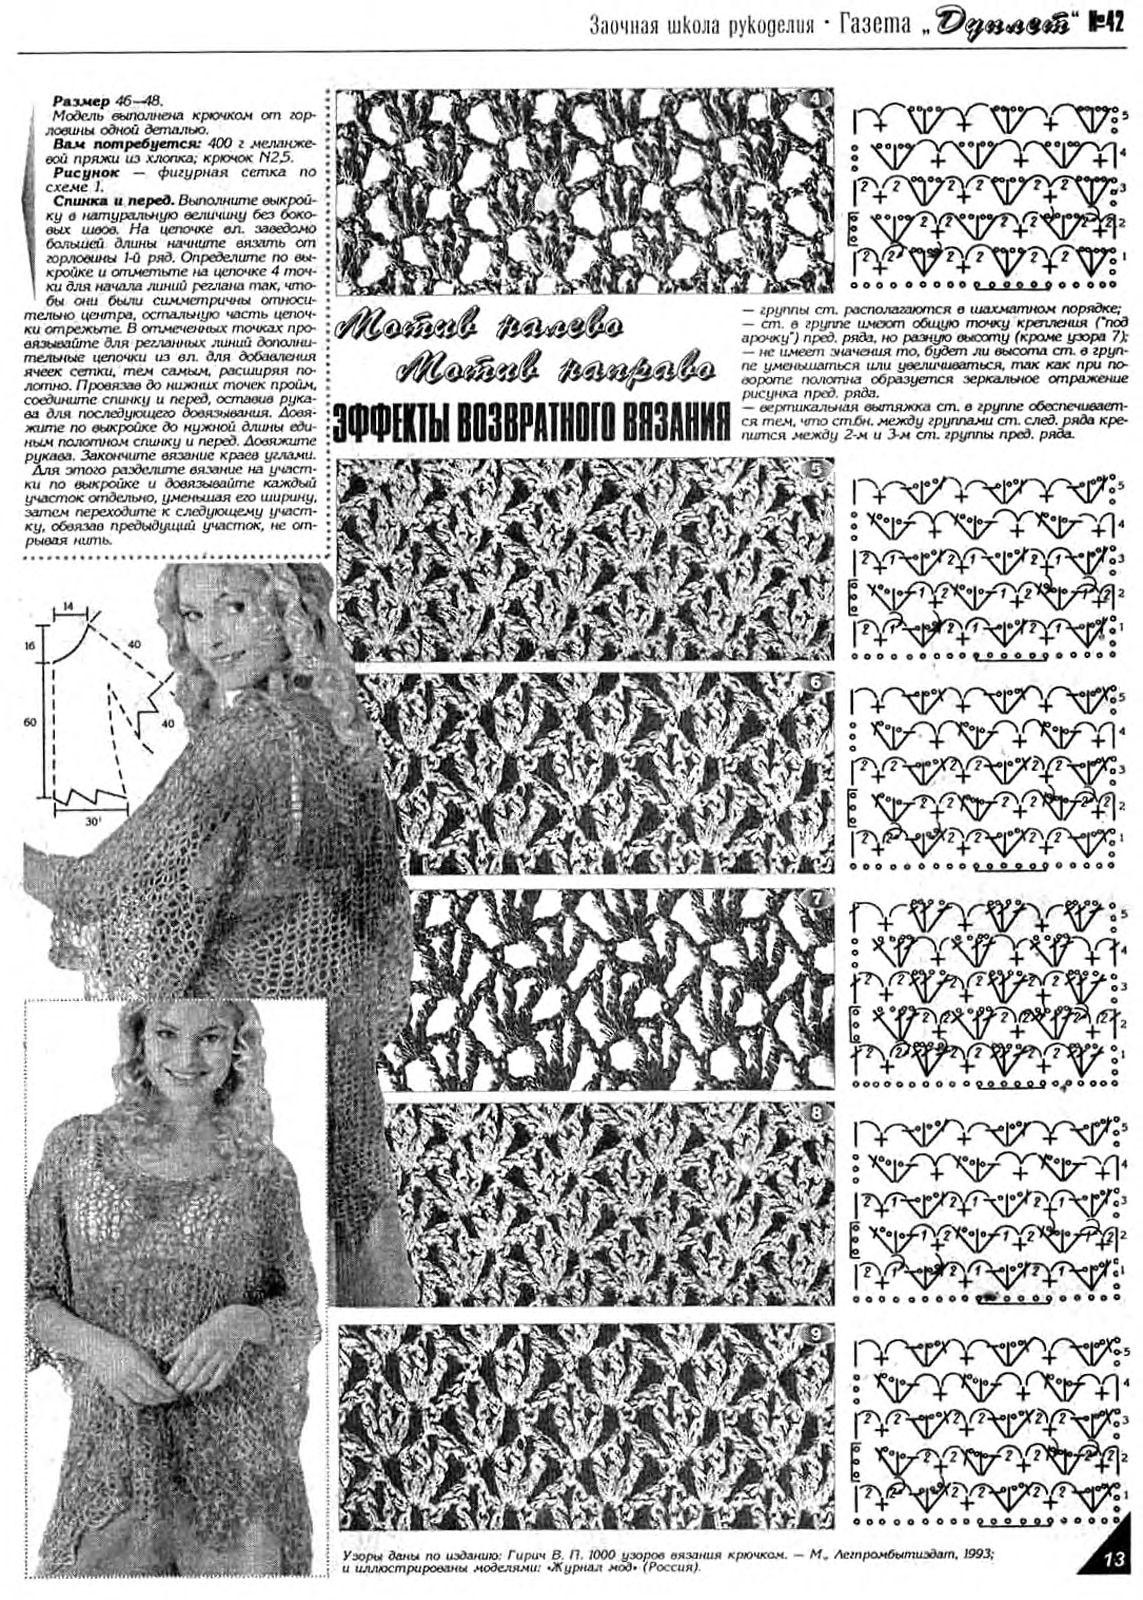 俄网编织杂志(350) - 柳芯飘雪 - 柳芯飘雪的博客